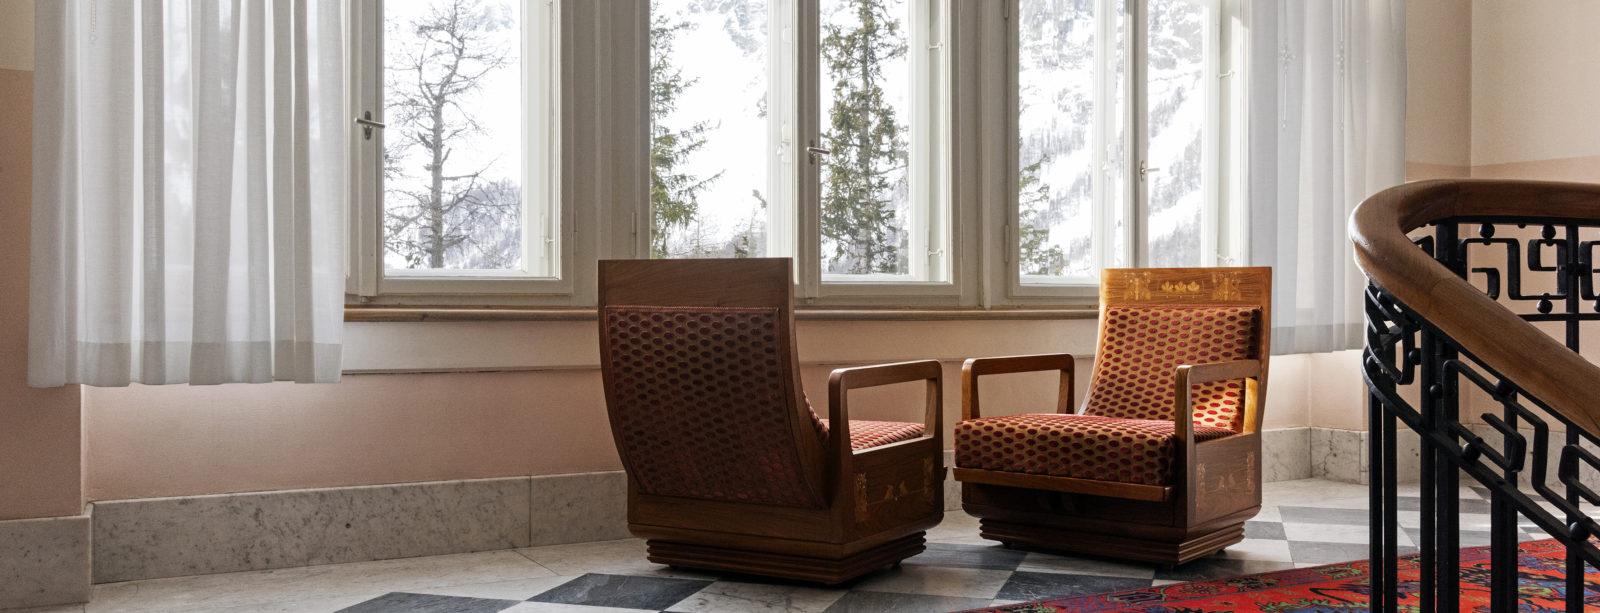 Treppenhaus mit Sitzecke im Hotel Waldhaus Sils